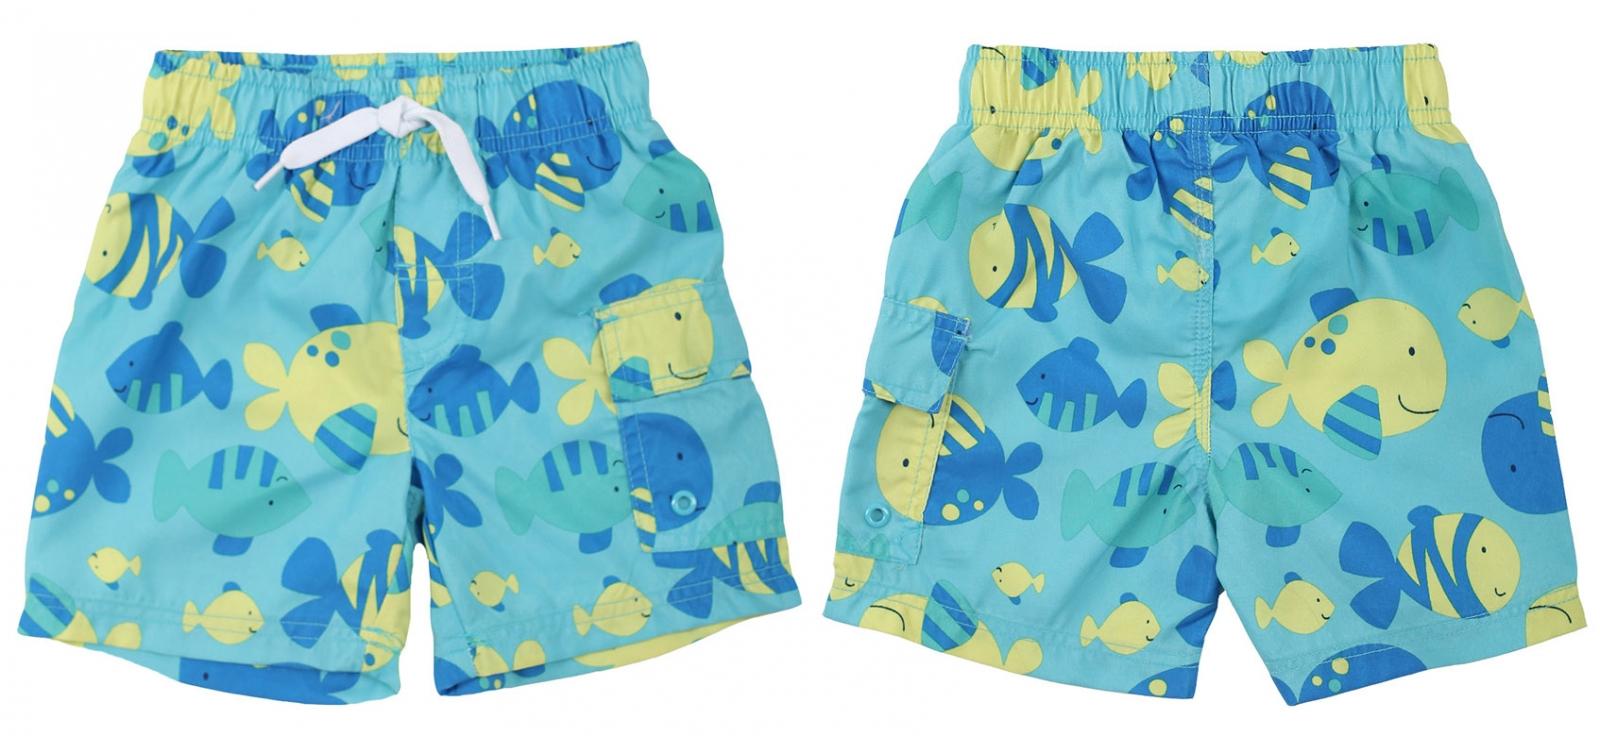 Заказать шорты для мальчиков Nursery Rhyme